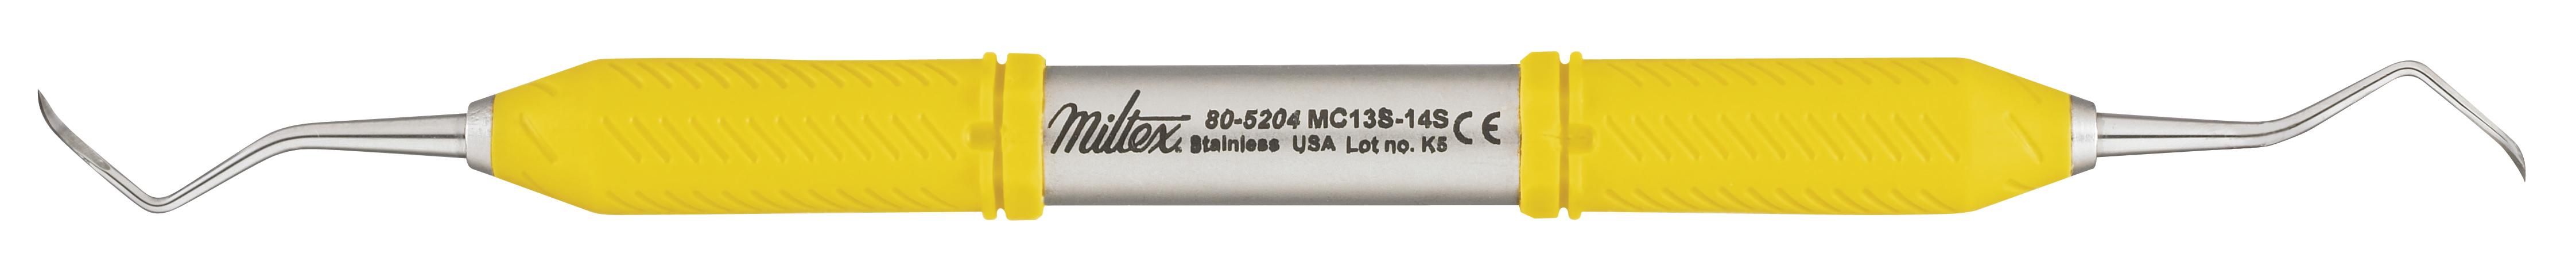 13-14-mccals-curette-griplite-s6-80-5204-miltex.jpg